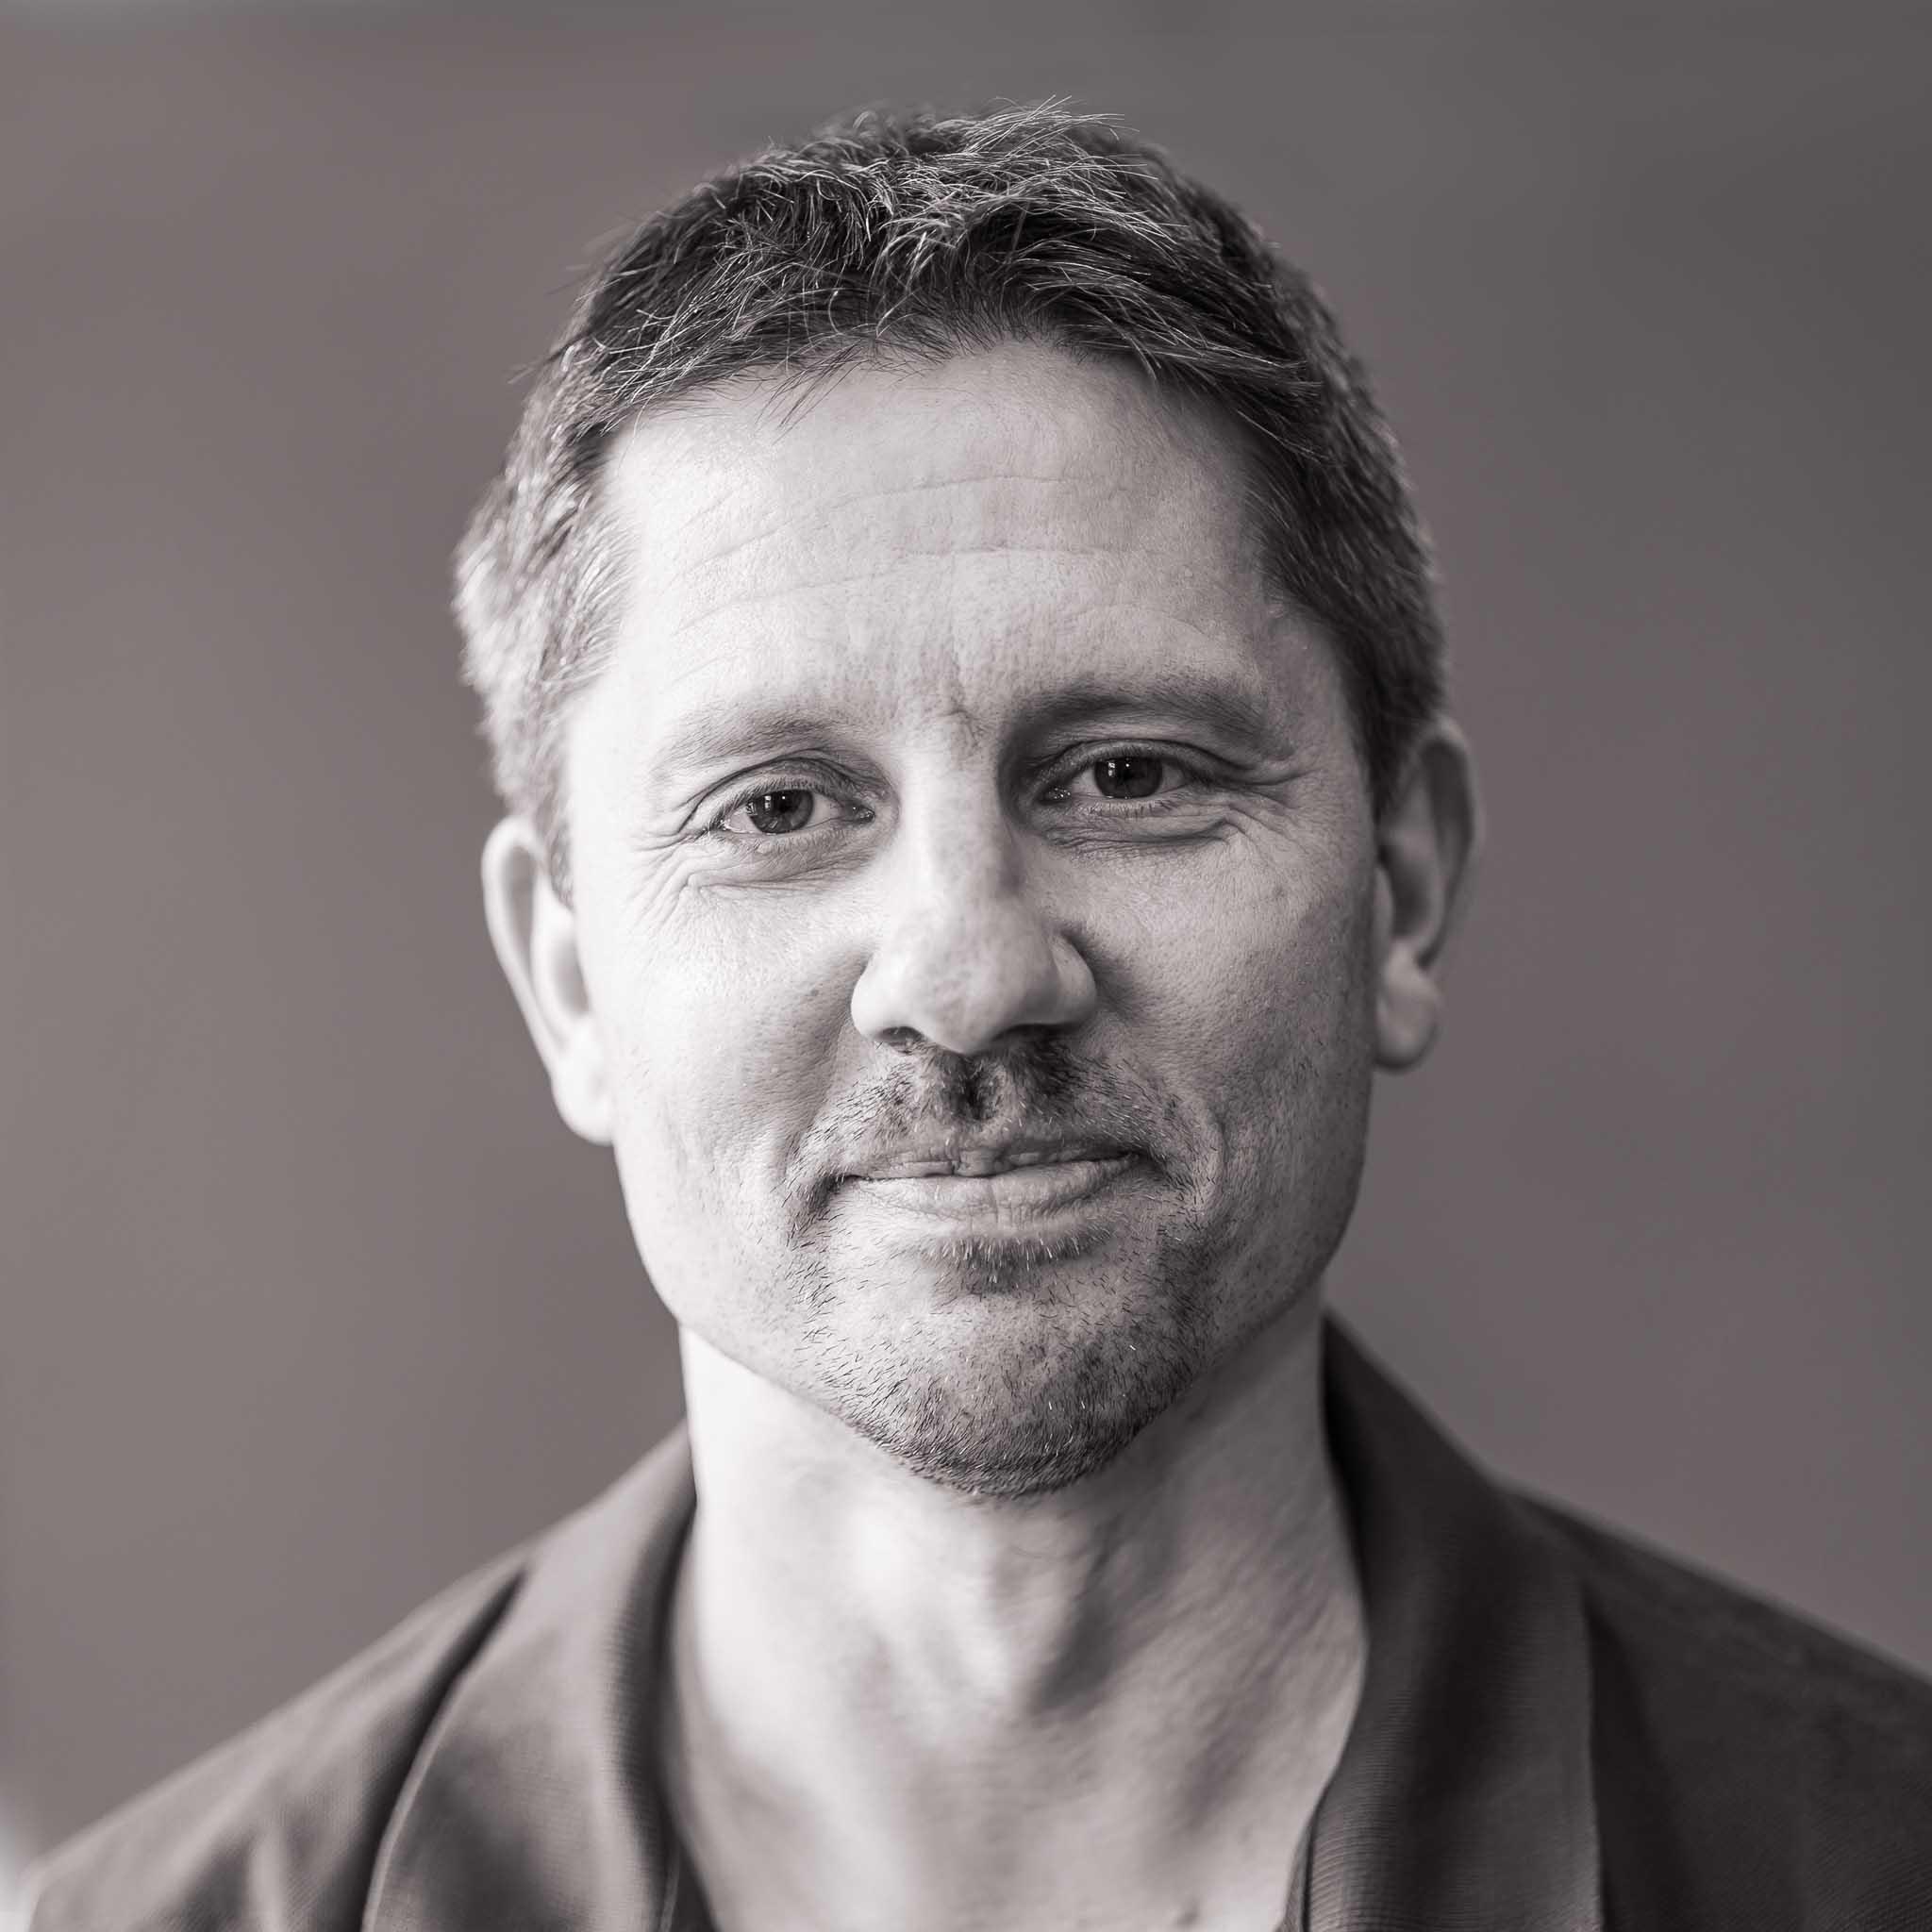 Porträt von Matthias Peterek